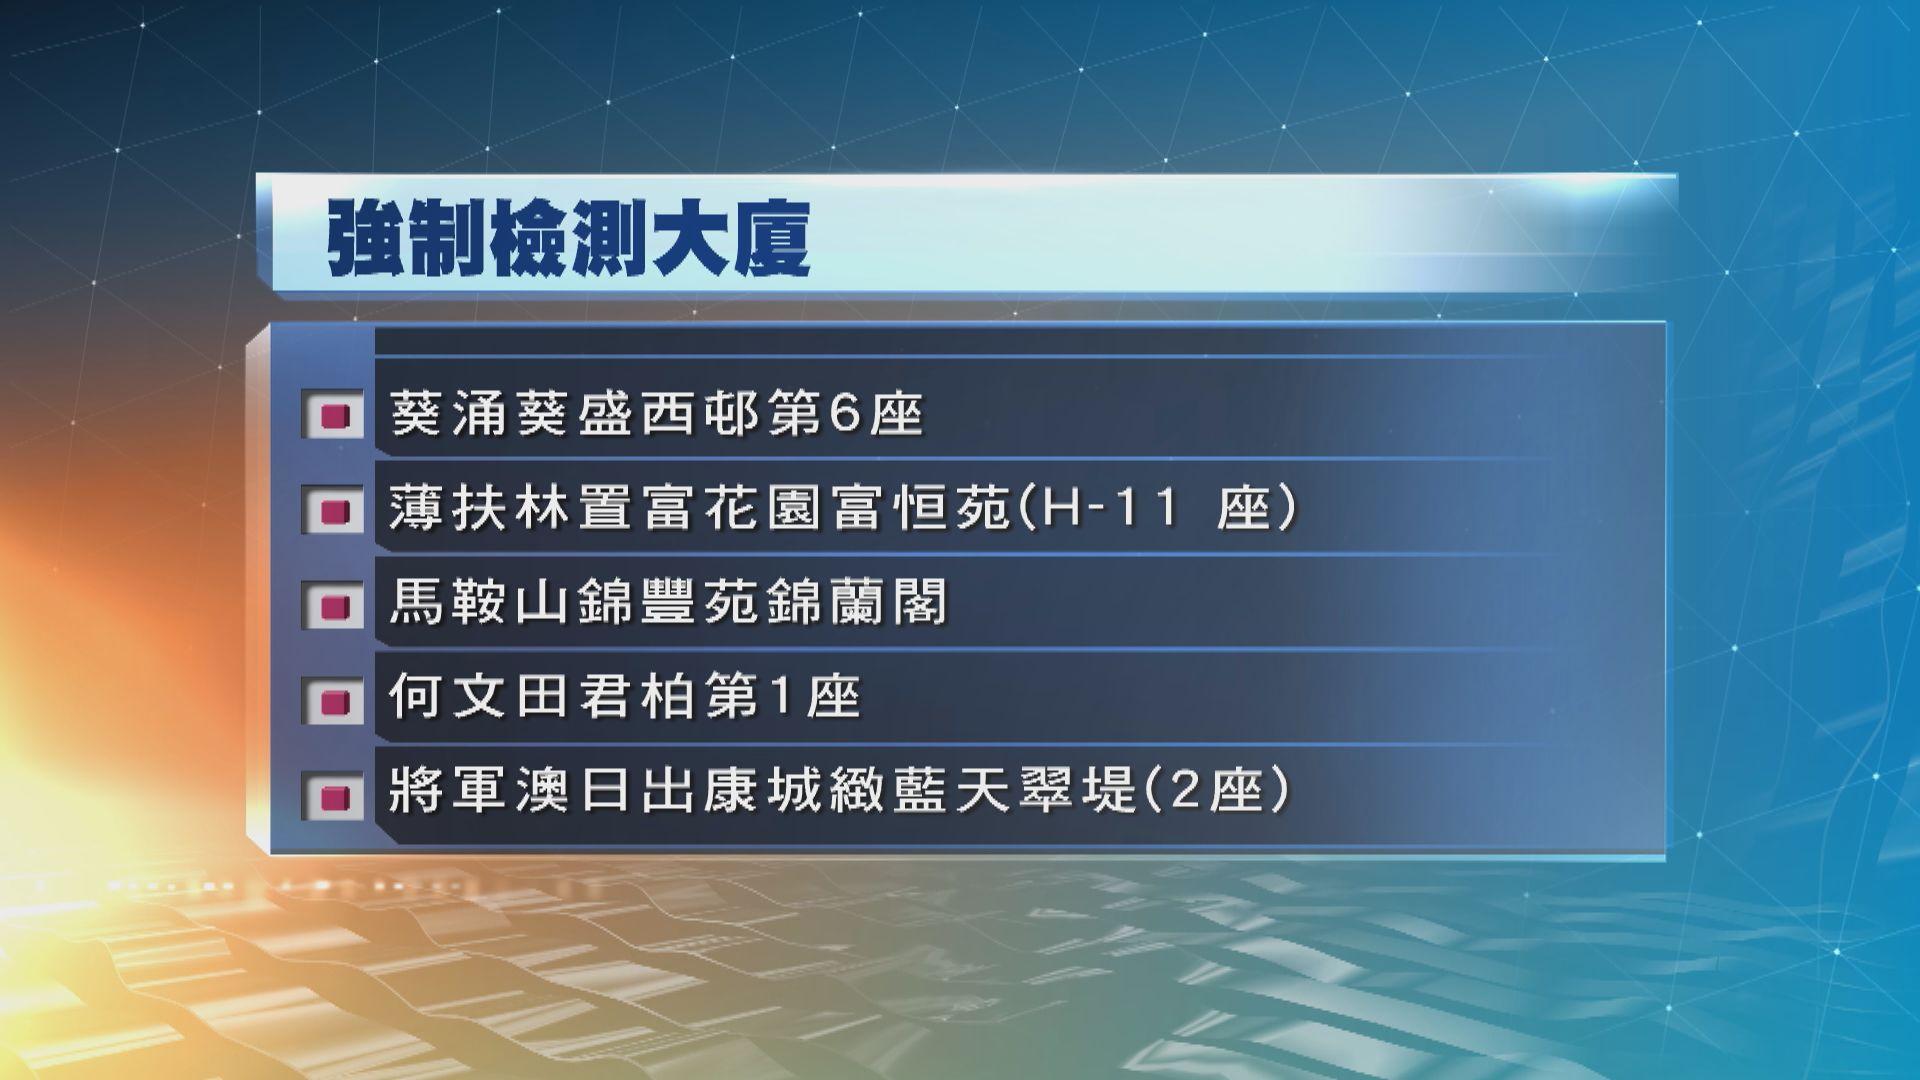 政府刊憲五幢大廈及五個工作場所納入強檢公告